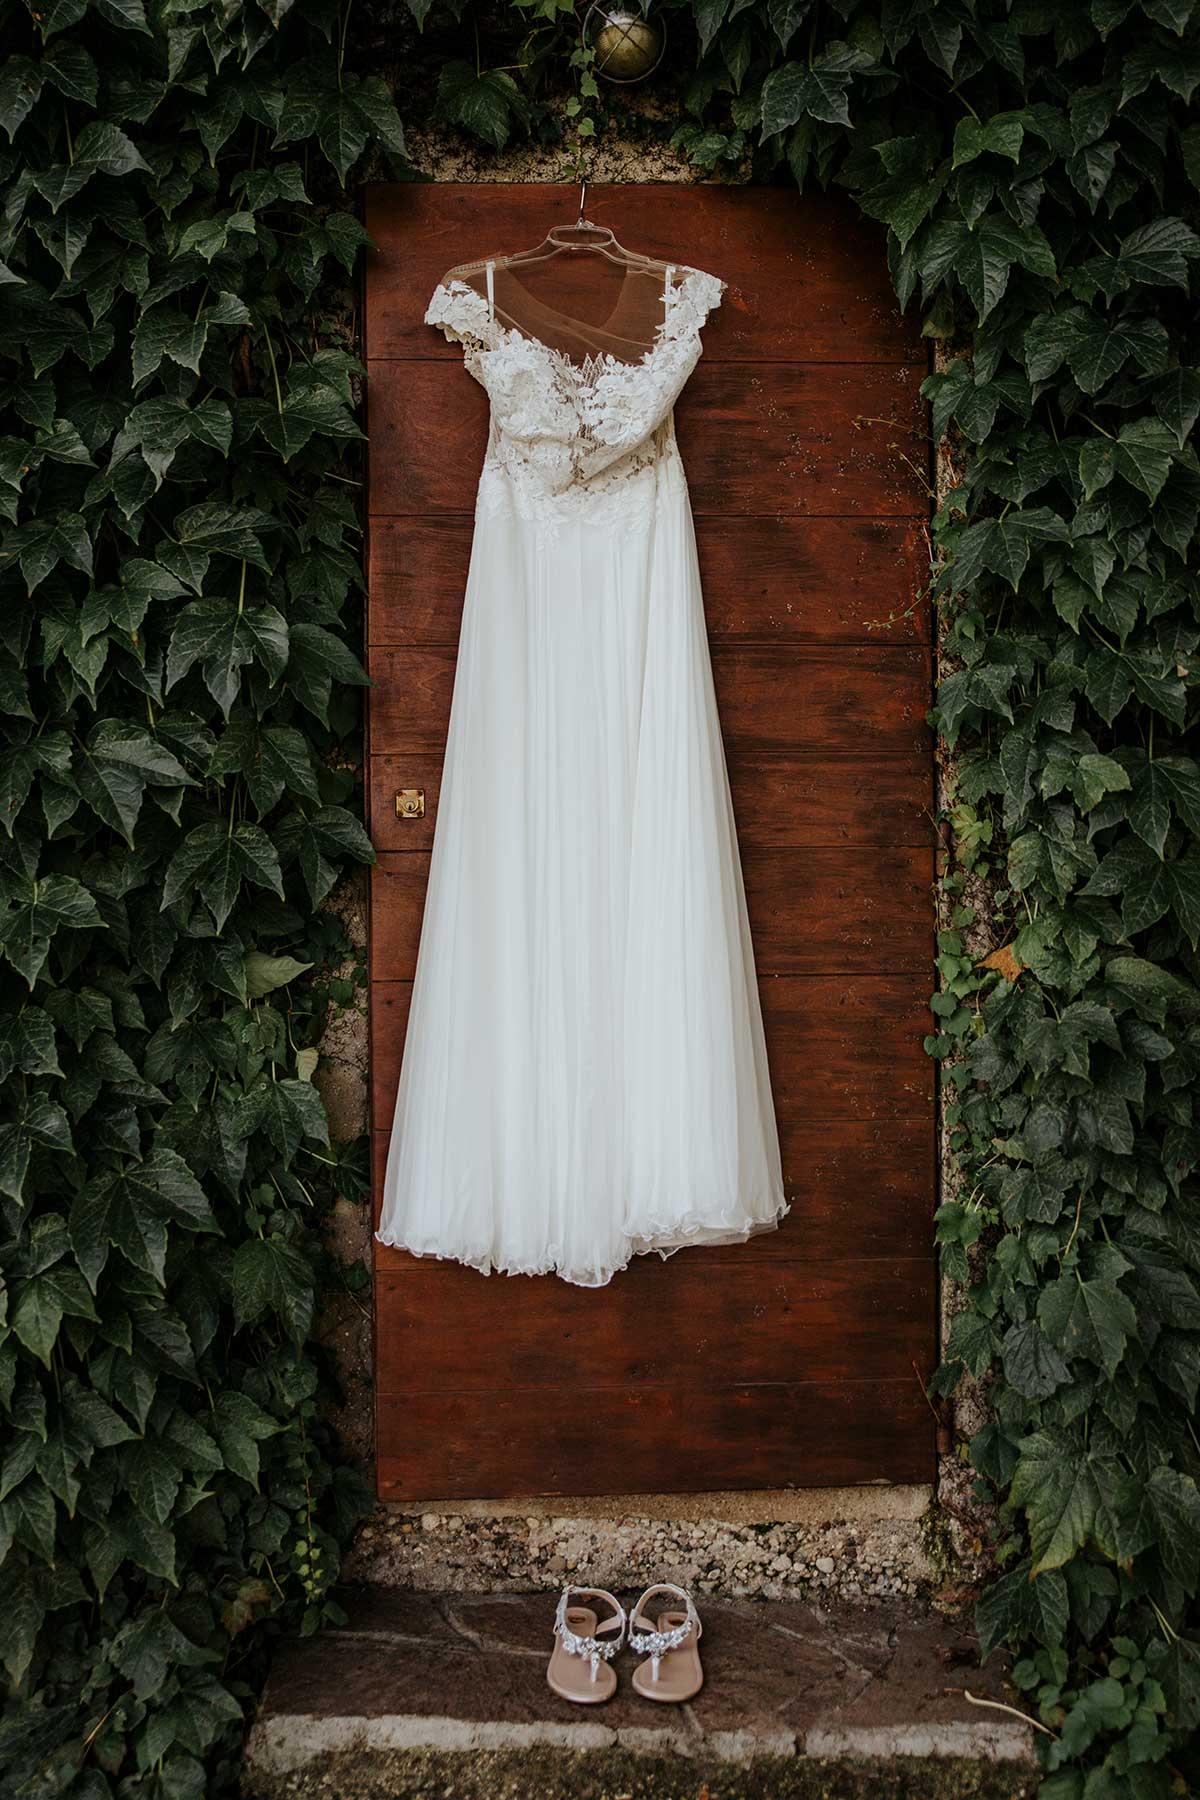 Brautkleid am Kleiderbügel